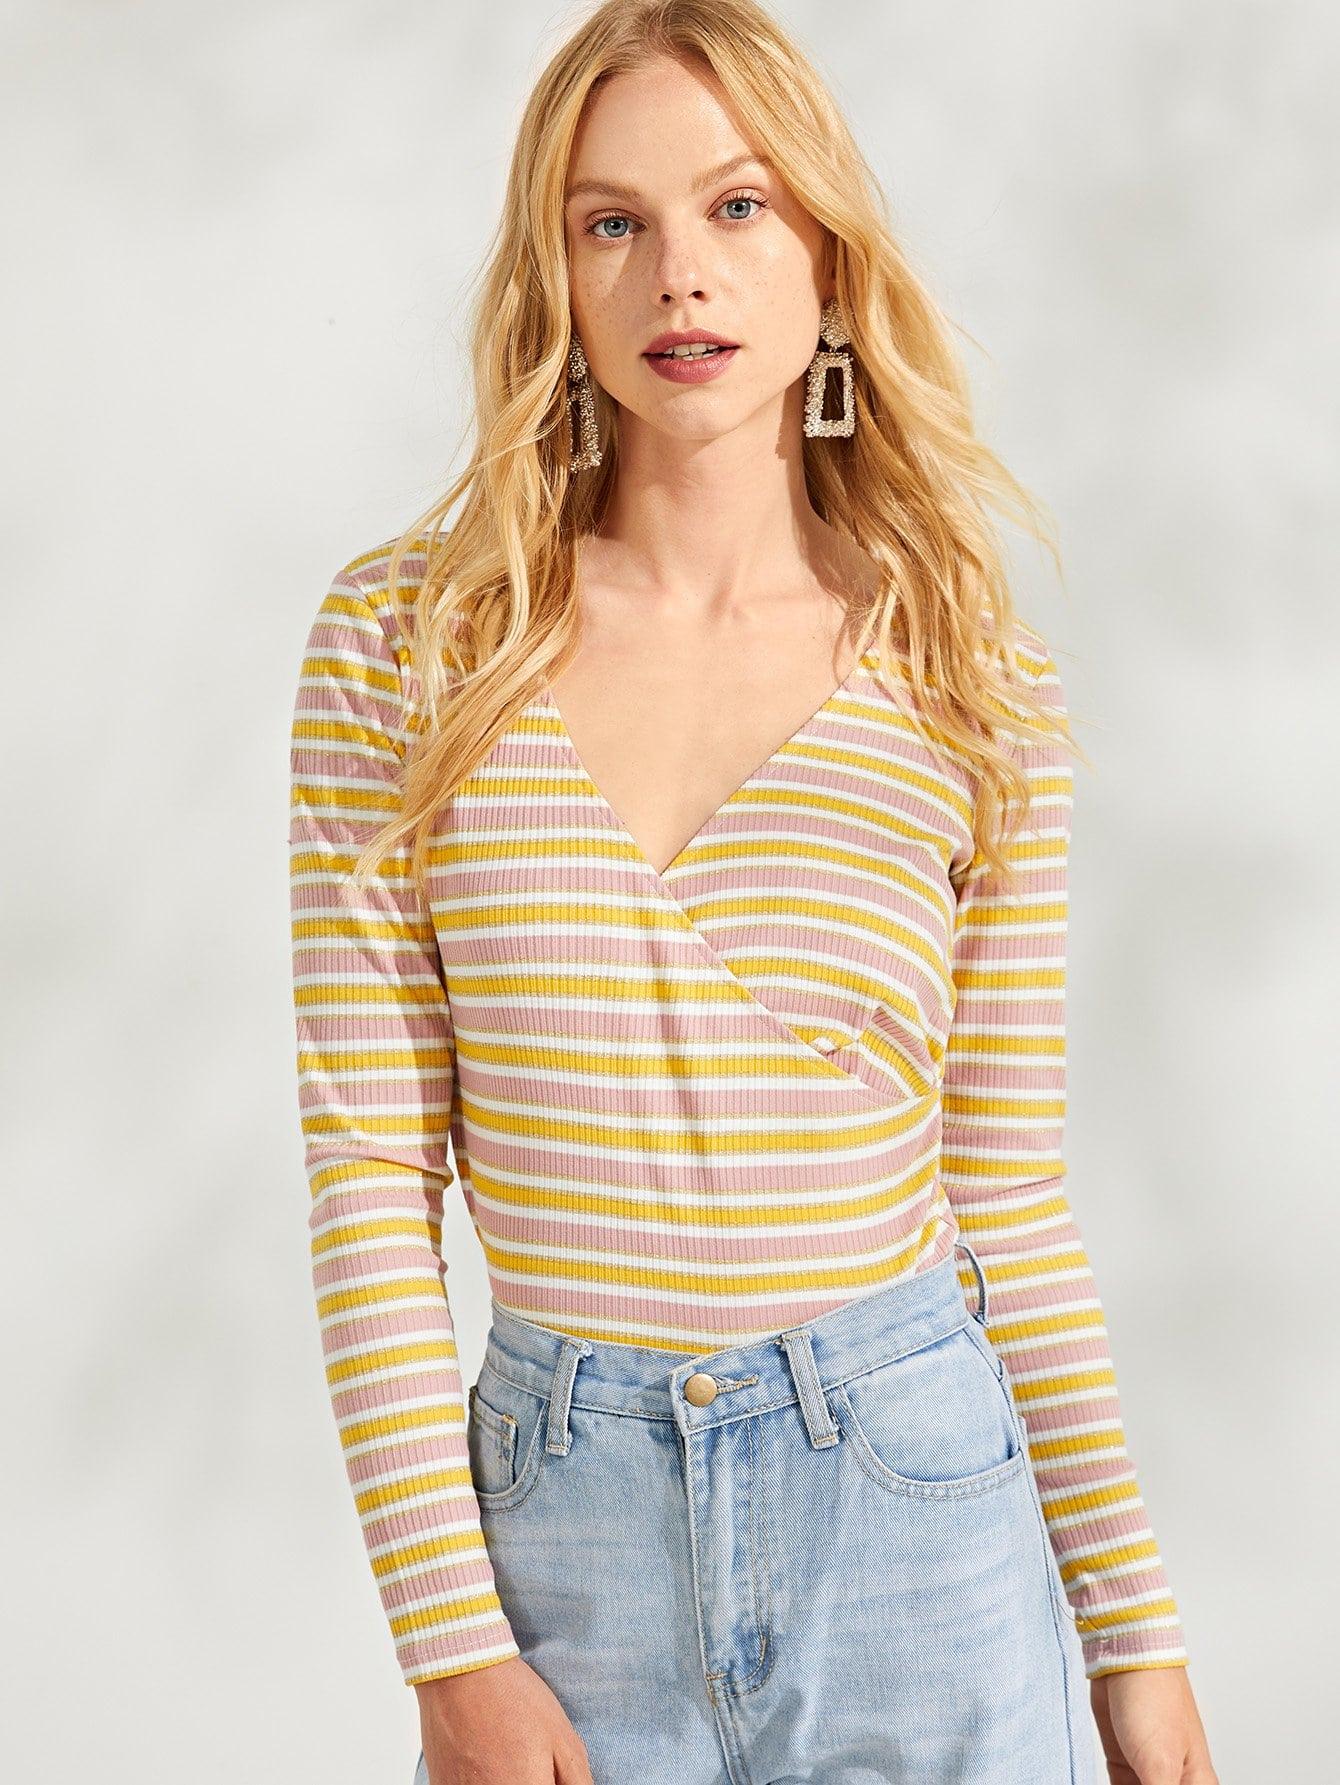 Полосатая футболка с запахом и с V-образным вырезом, Denisa, SheIn  - купить со скидкой